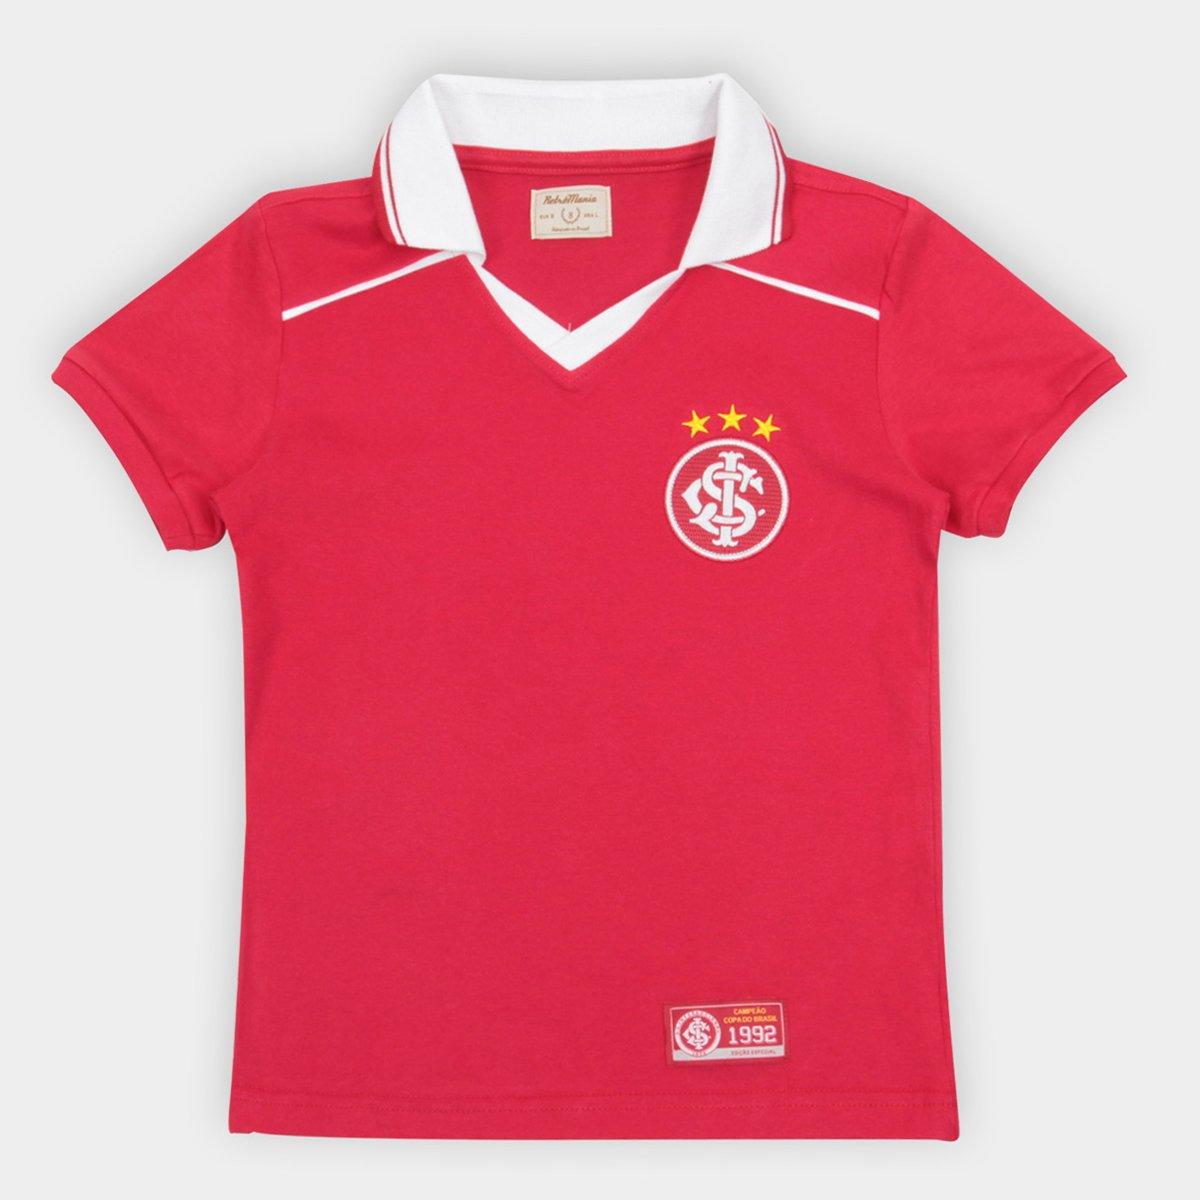 ce62b336f19 Camiseta Internacional Juvenil Retrô Mania 1992 - Compre Agora ...